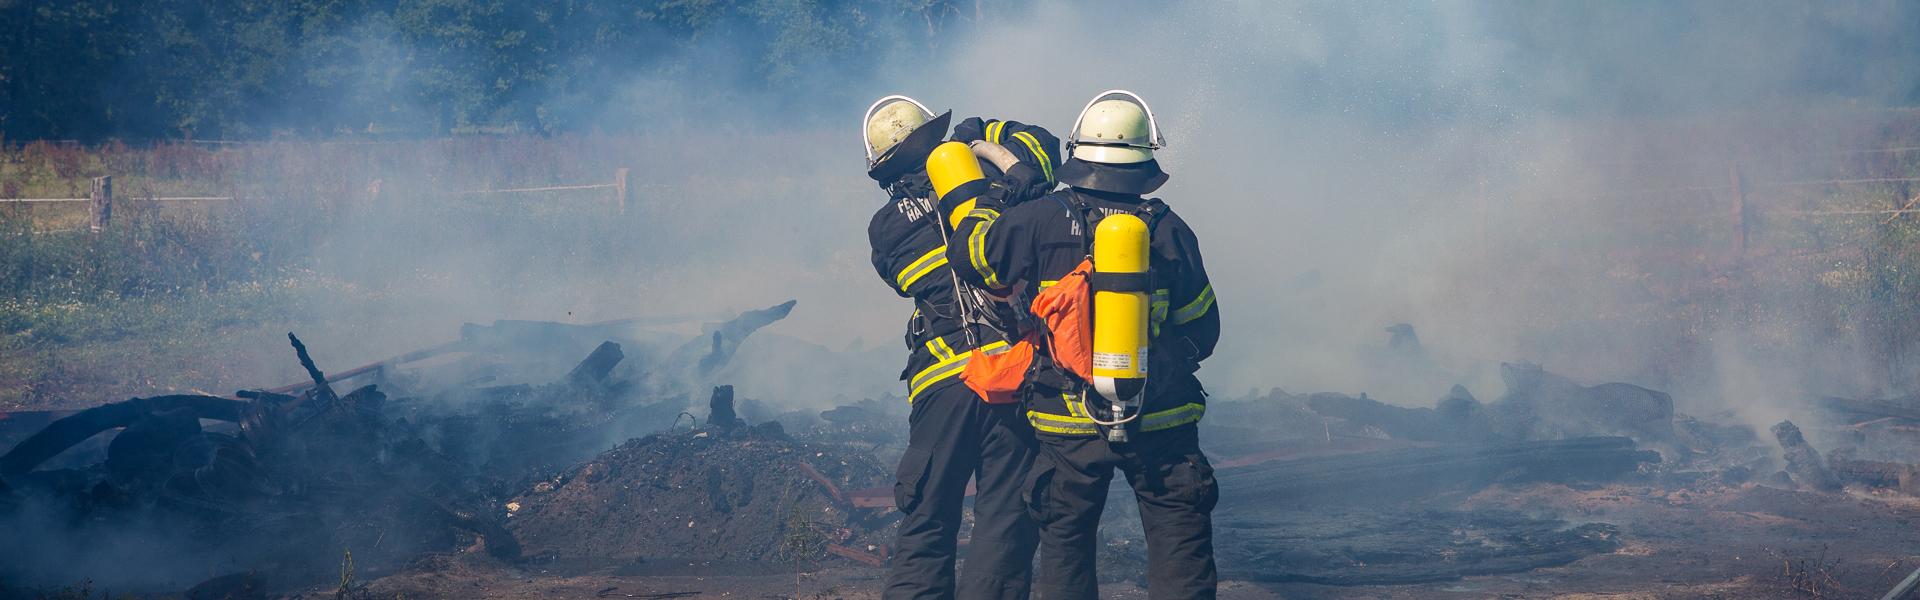 02.07.2018 – Rundballenbrand in Duvenstedt